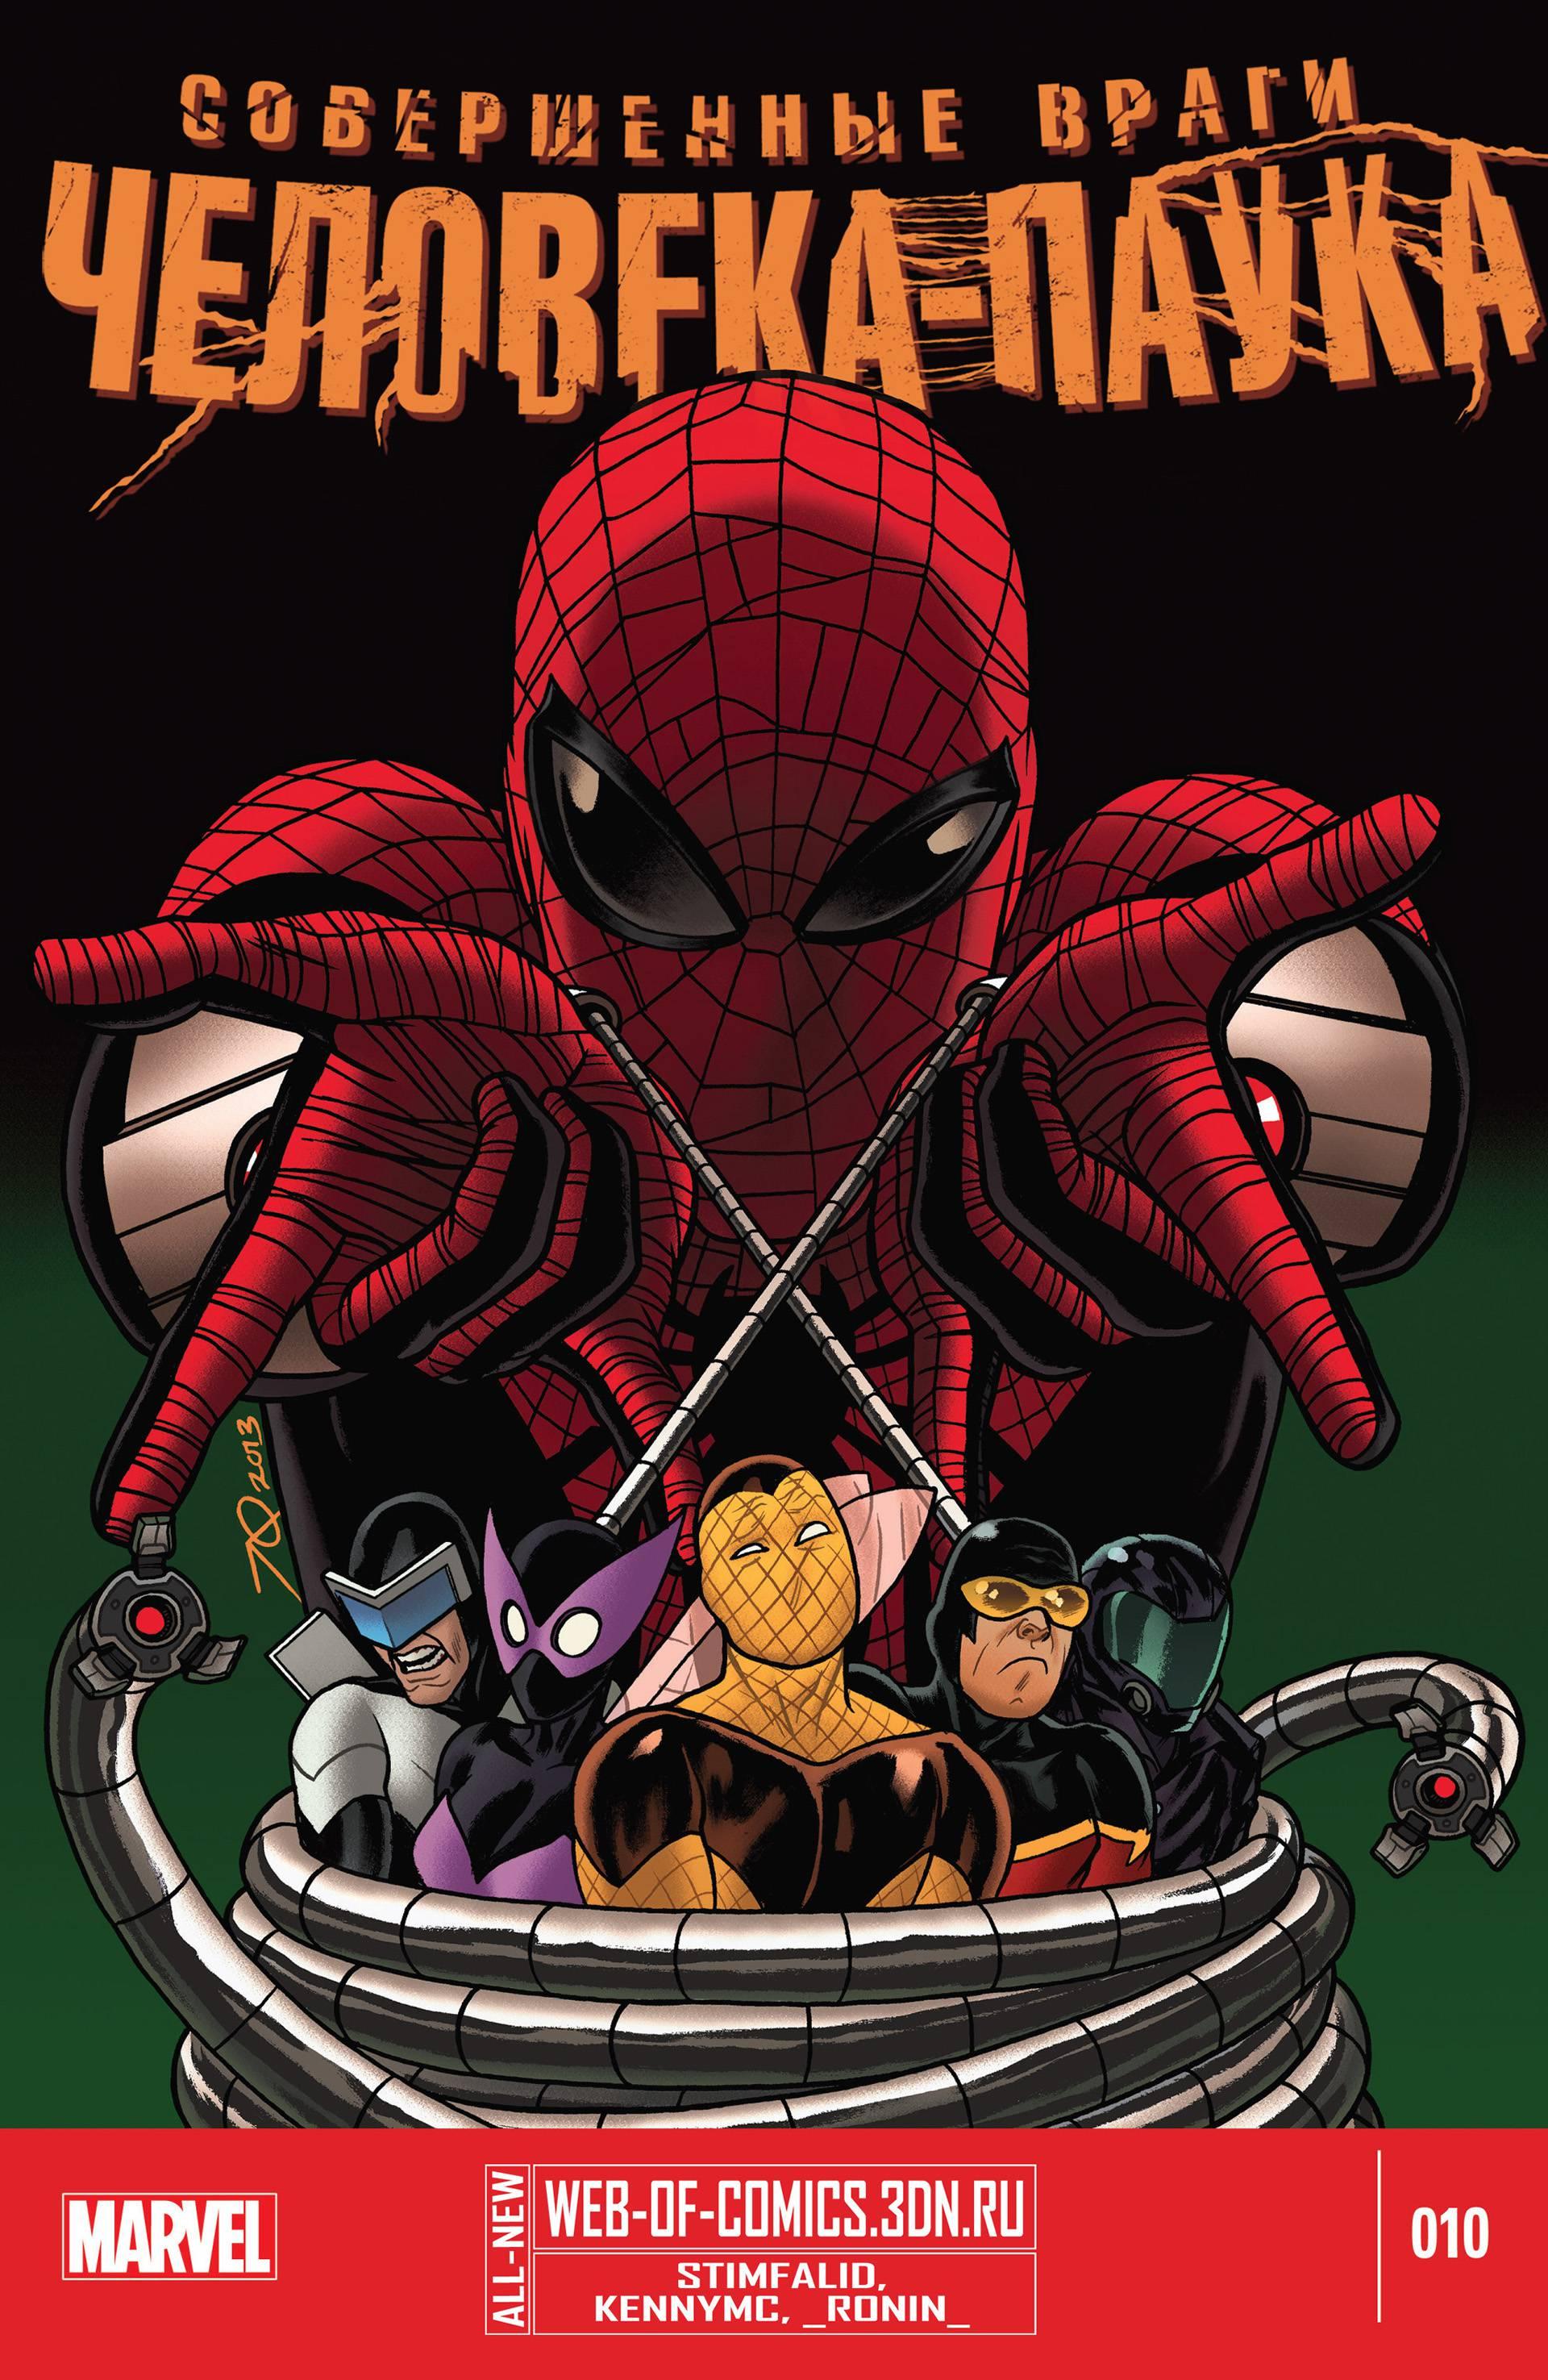 Совершенные Враги Человека-Паука №10 онлайн